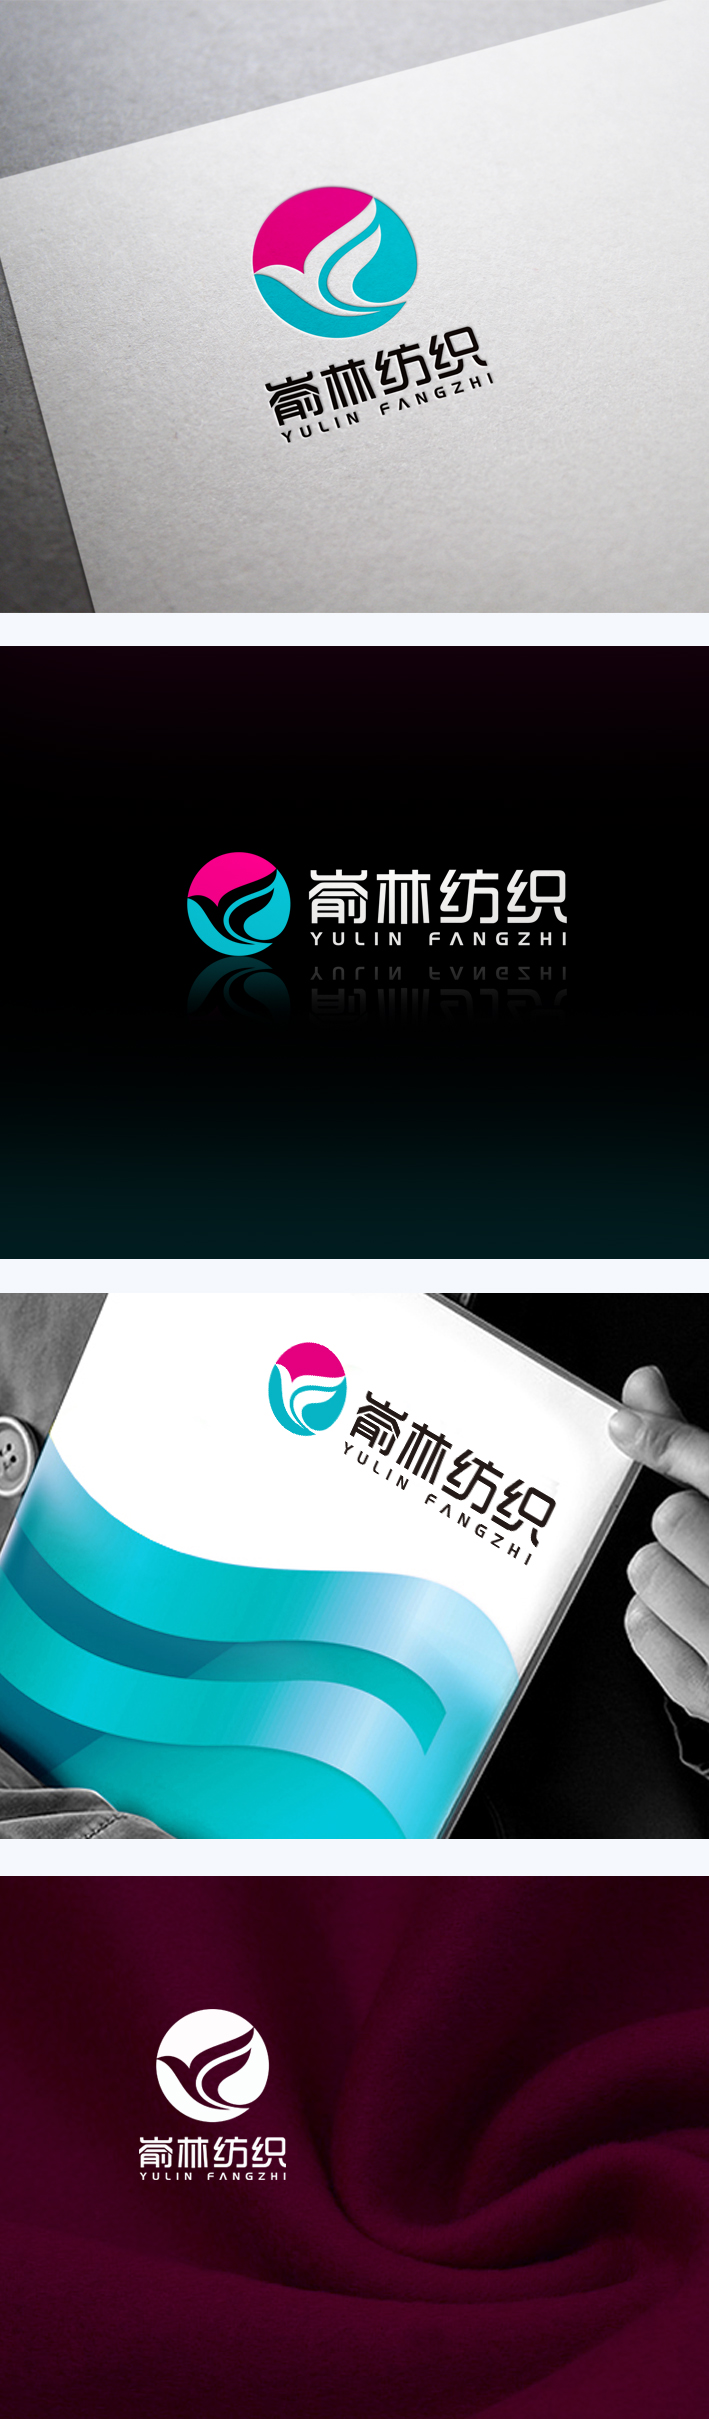 山东嵛林纺织科技有限公司LoGo设计_3037969_k68威客网